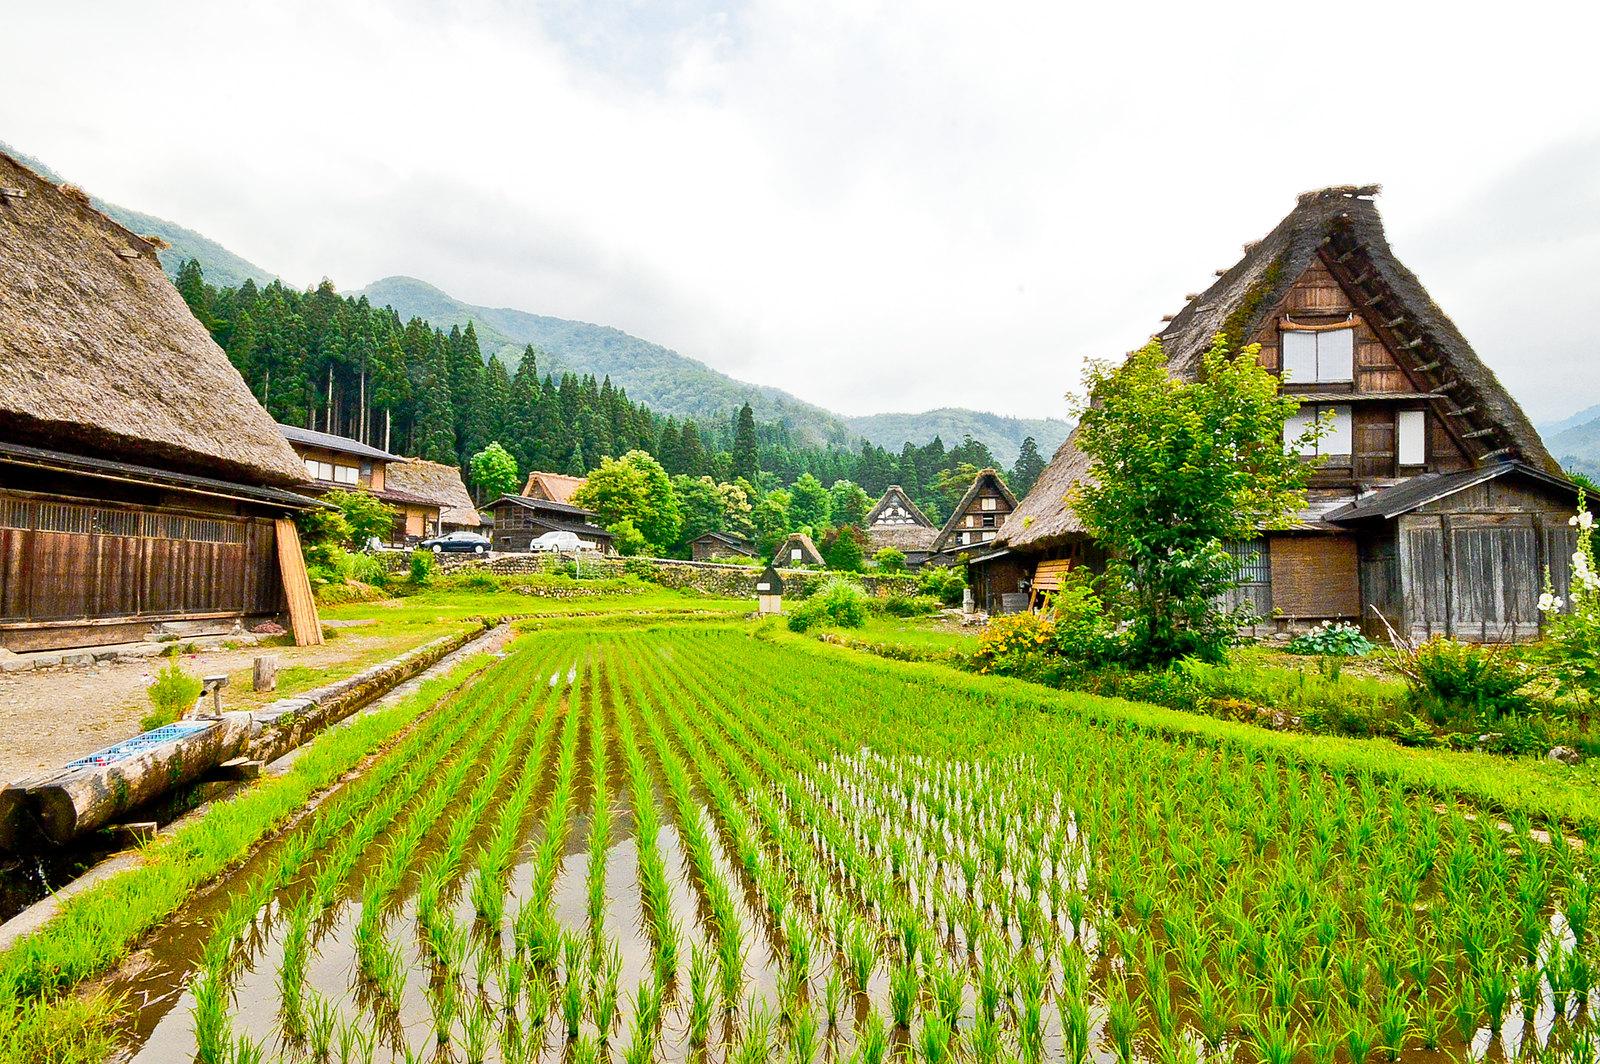 Ogimachi, Shirakawa-gō